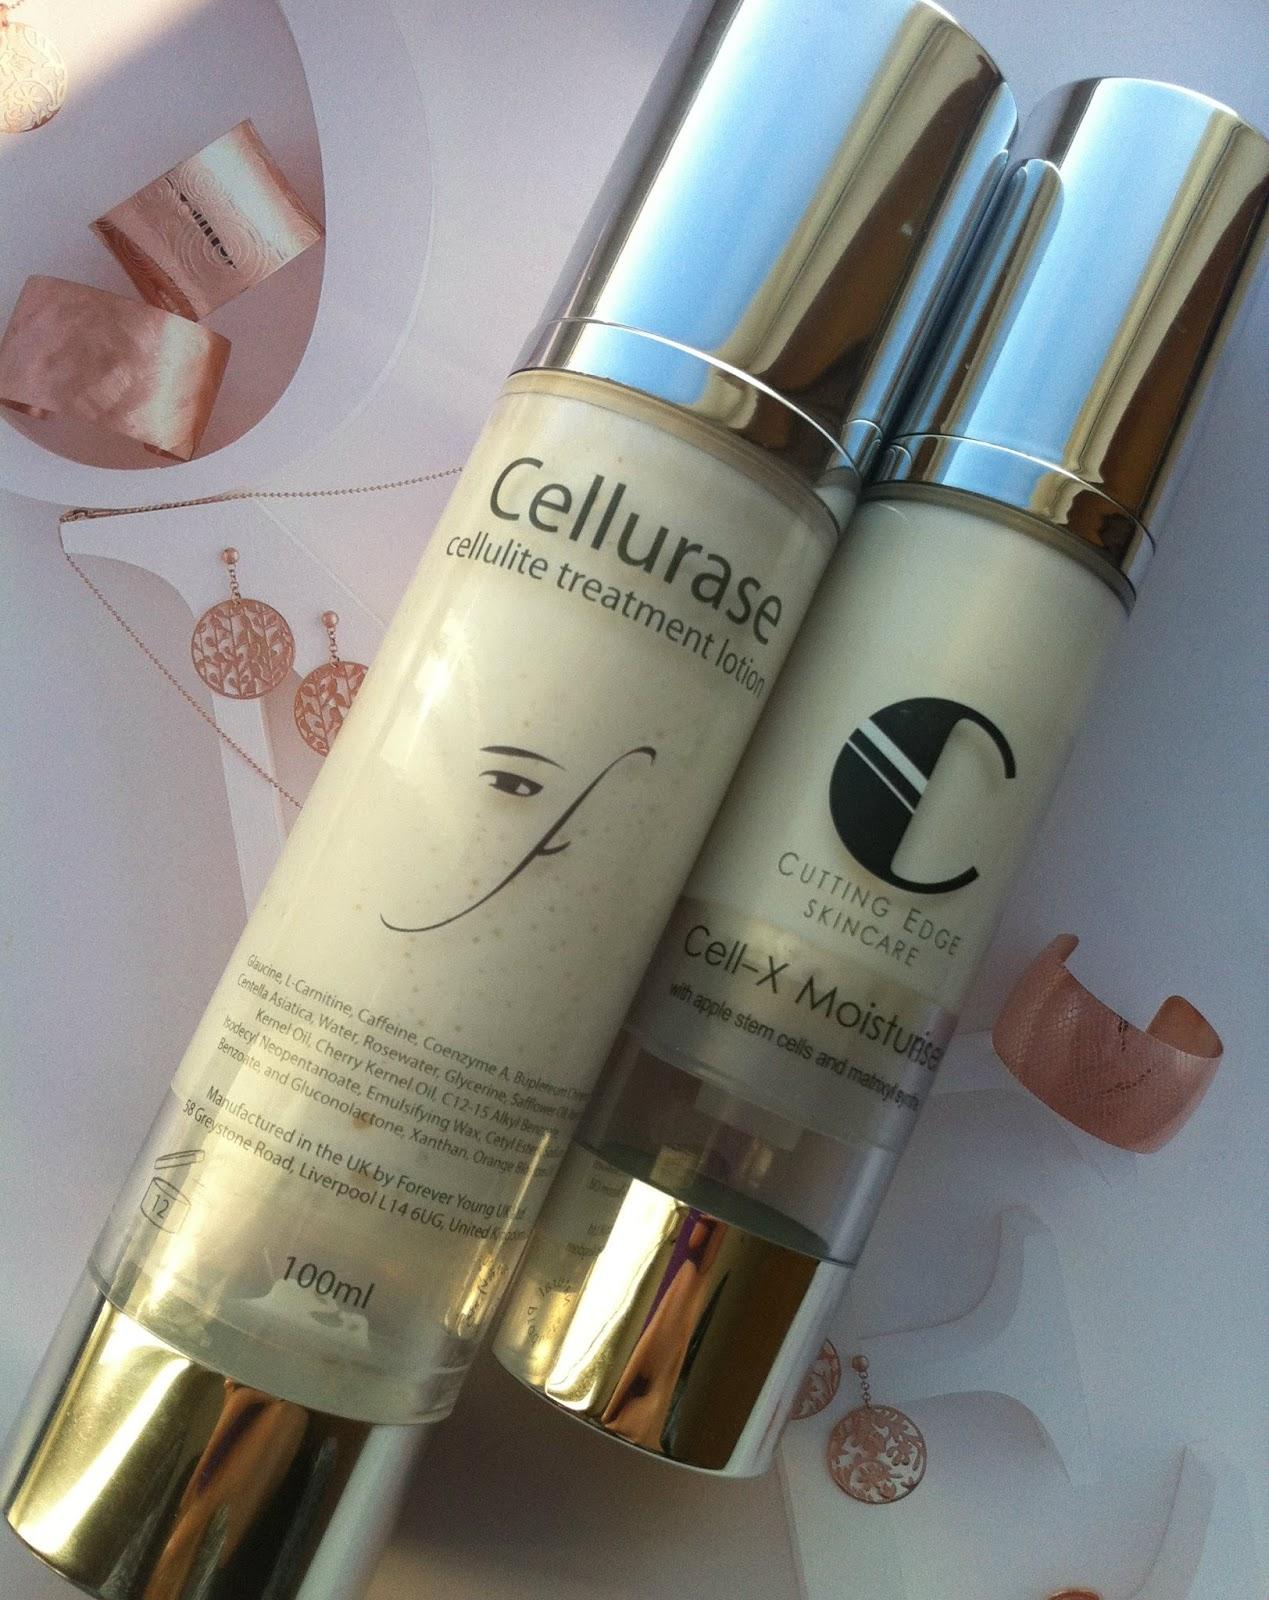 Cell - X Moisturizer oraz Cellulite treatment lotion - twarz kontra ciało.